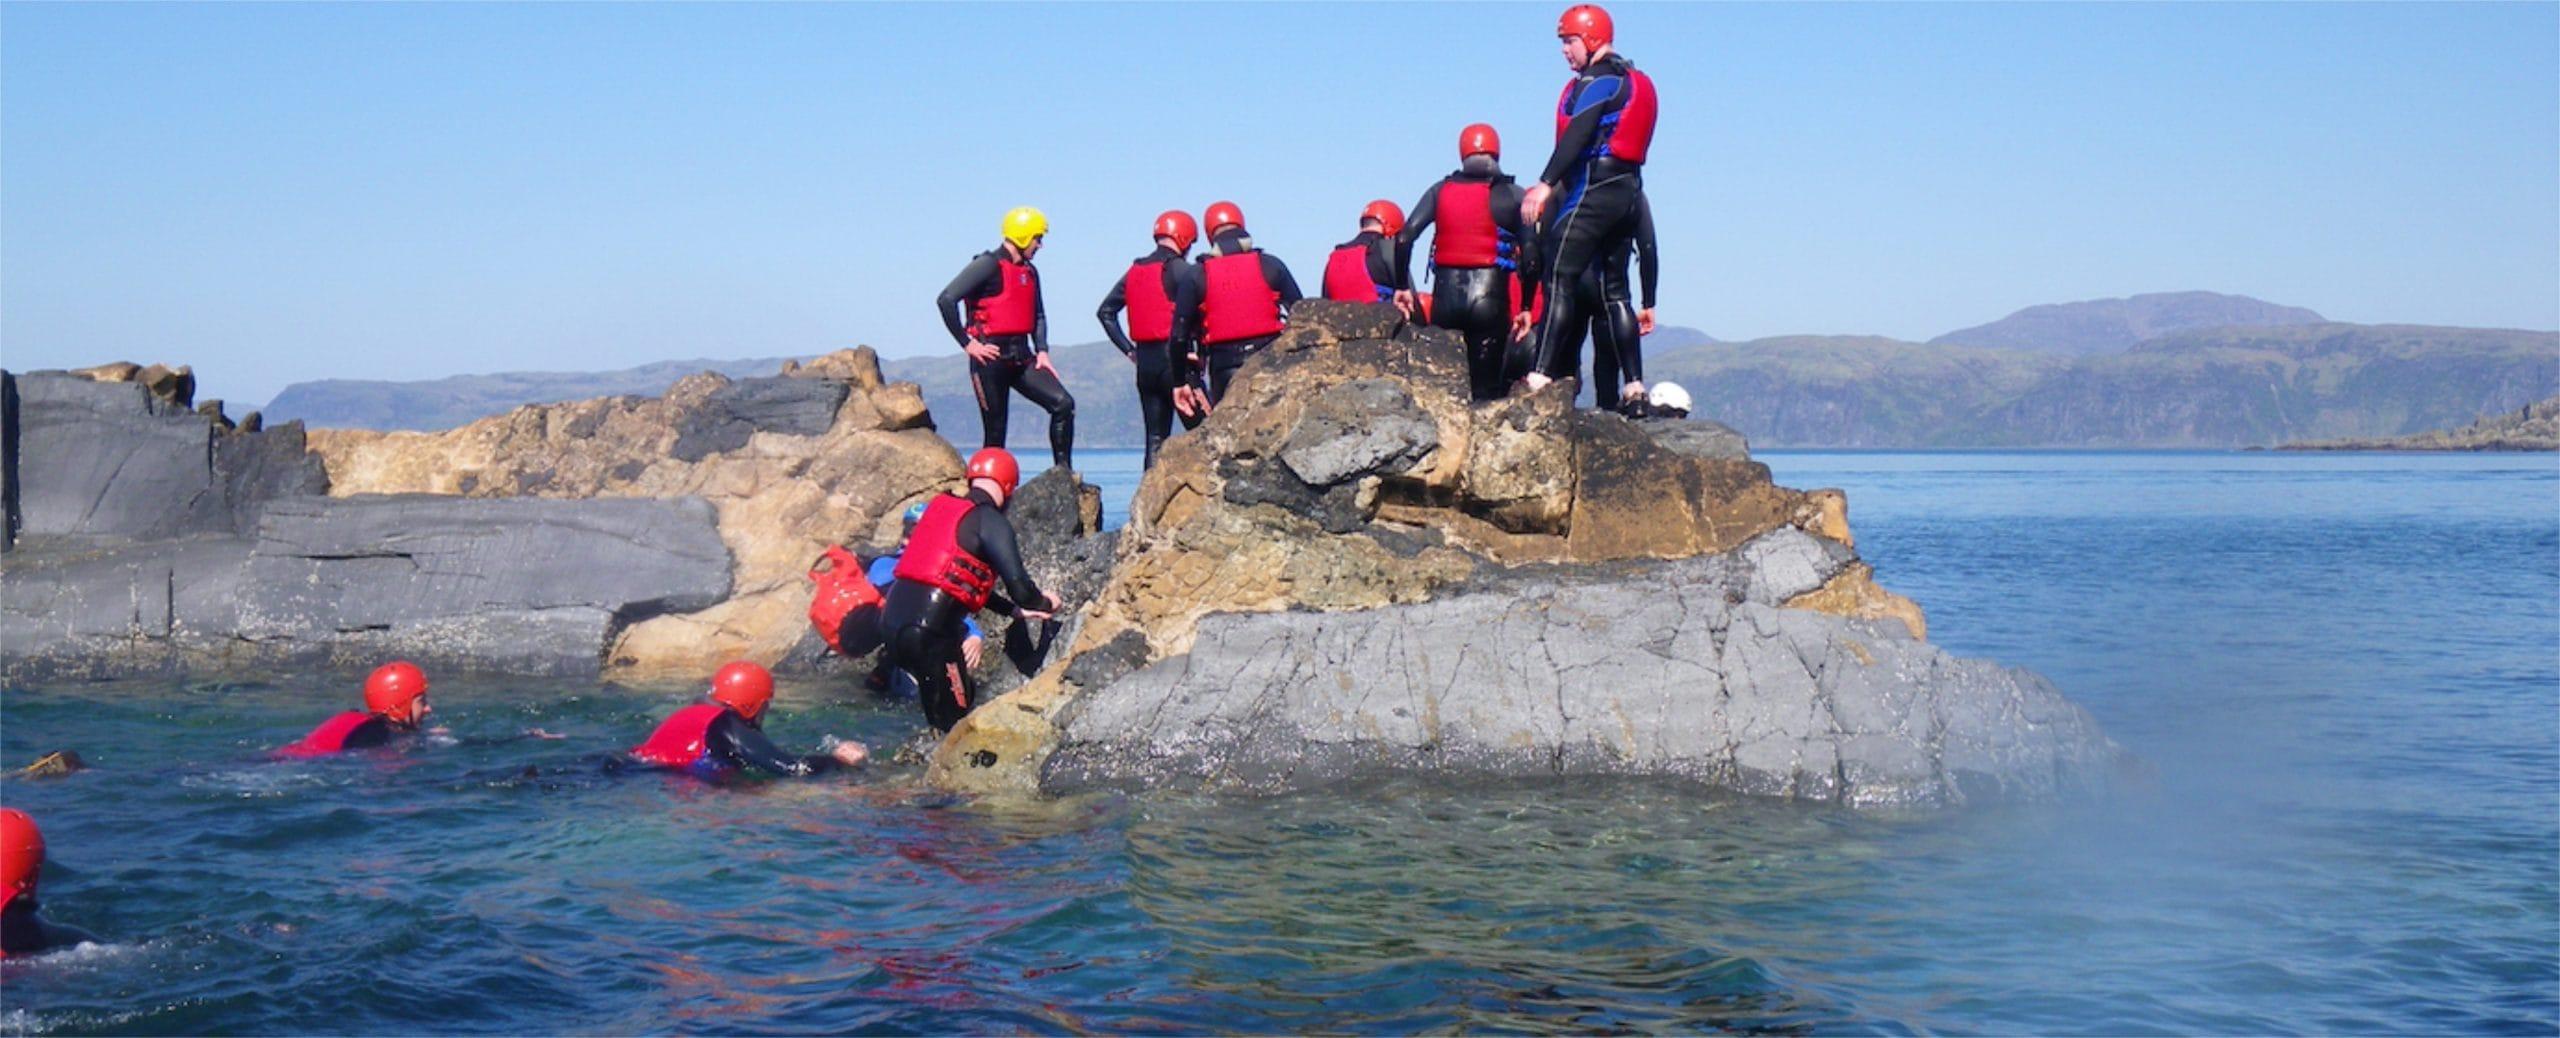 coasteering course